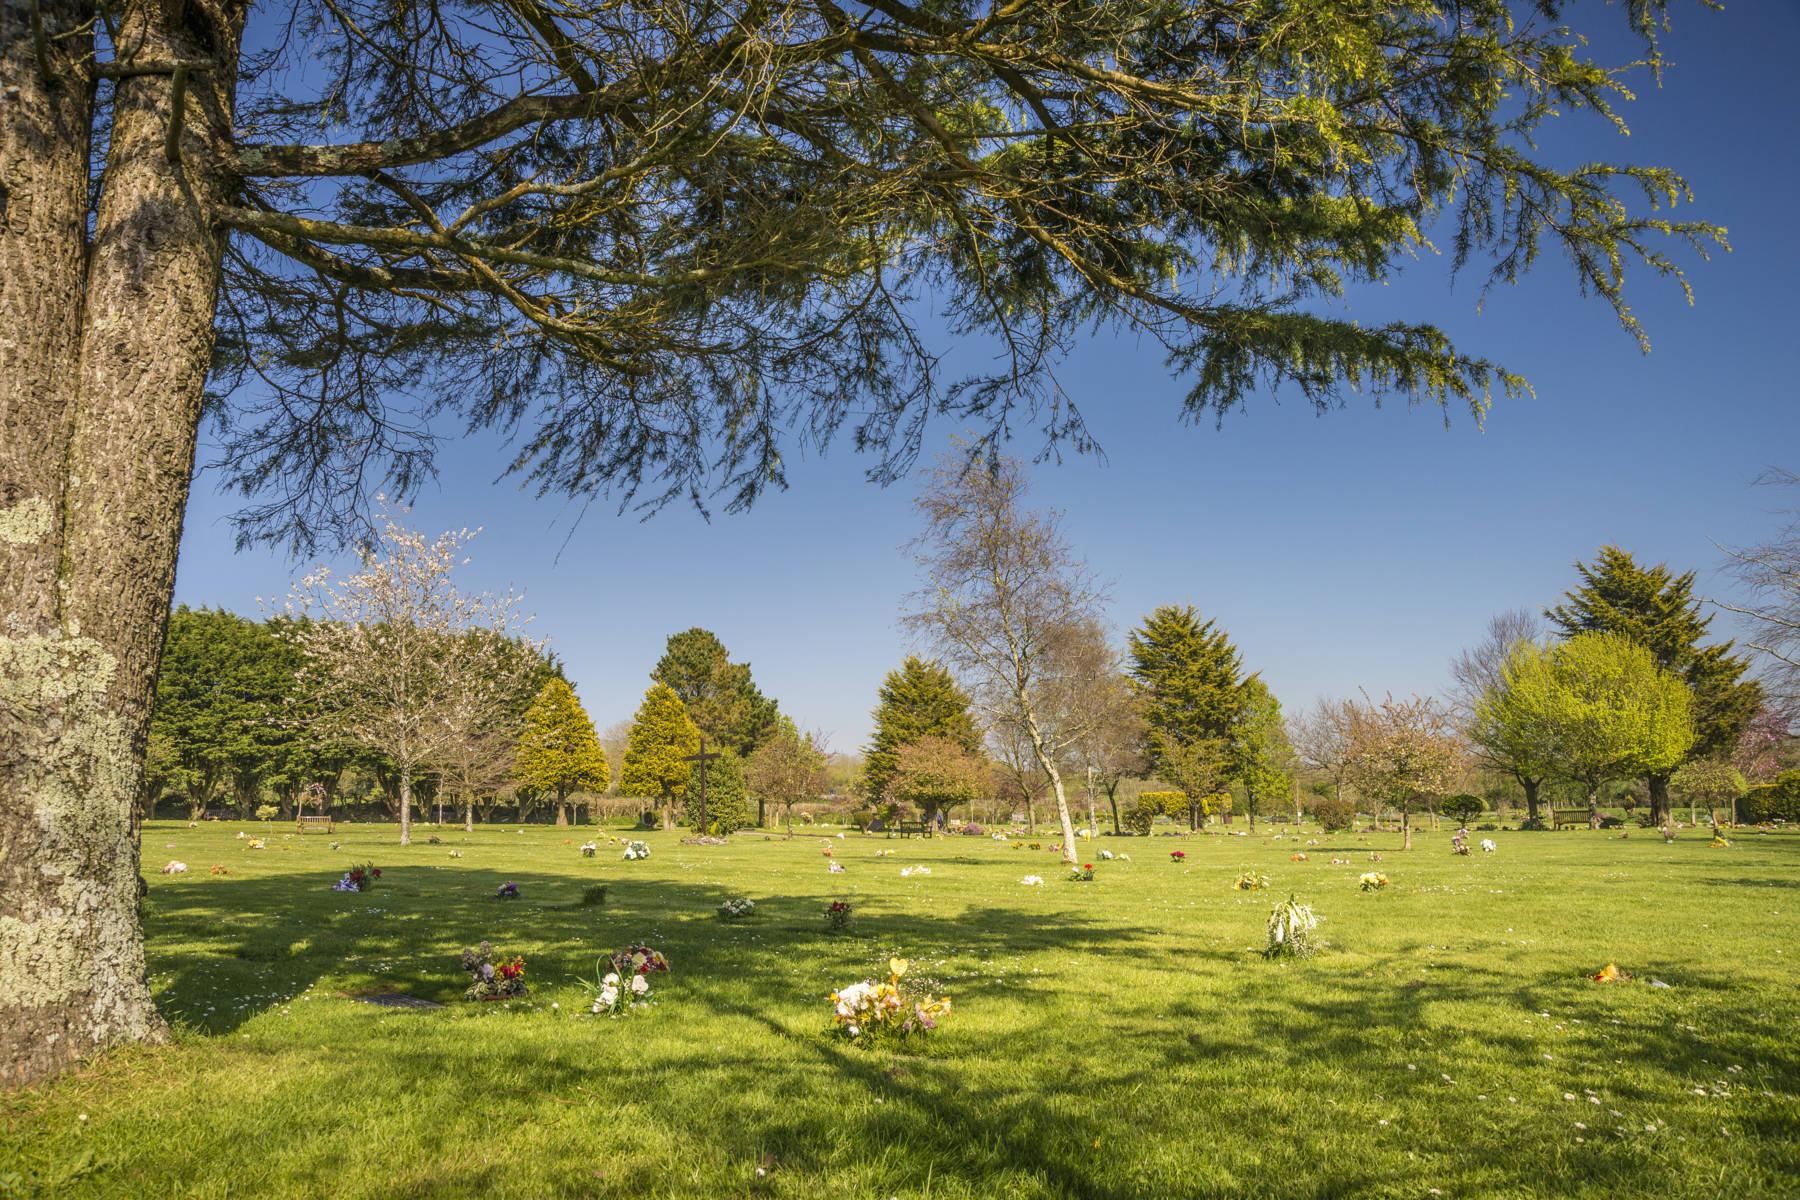 http://drakememorialpark.co.uk/upload/gallery_image/401acf270319114700.JPG